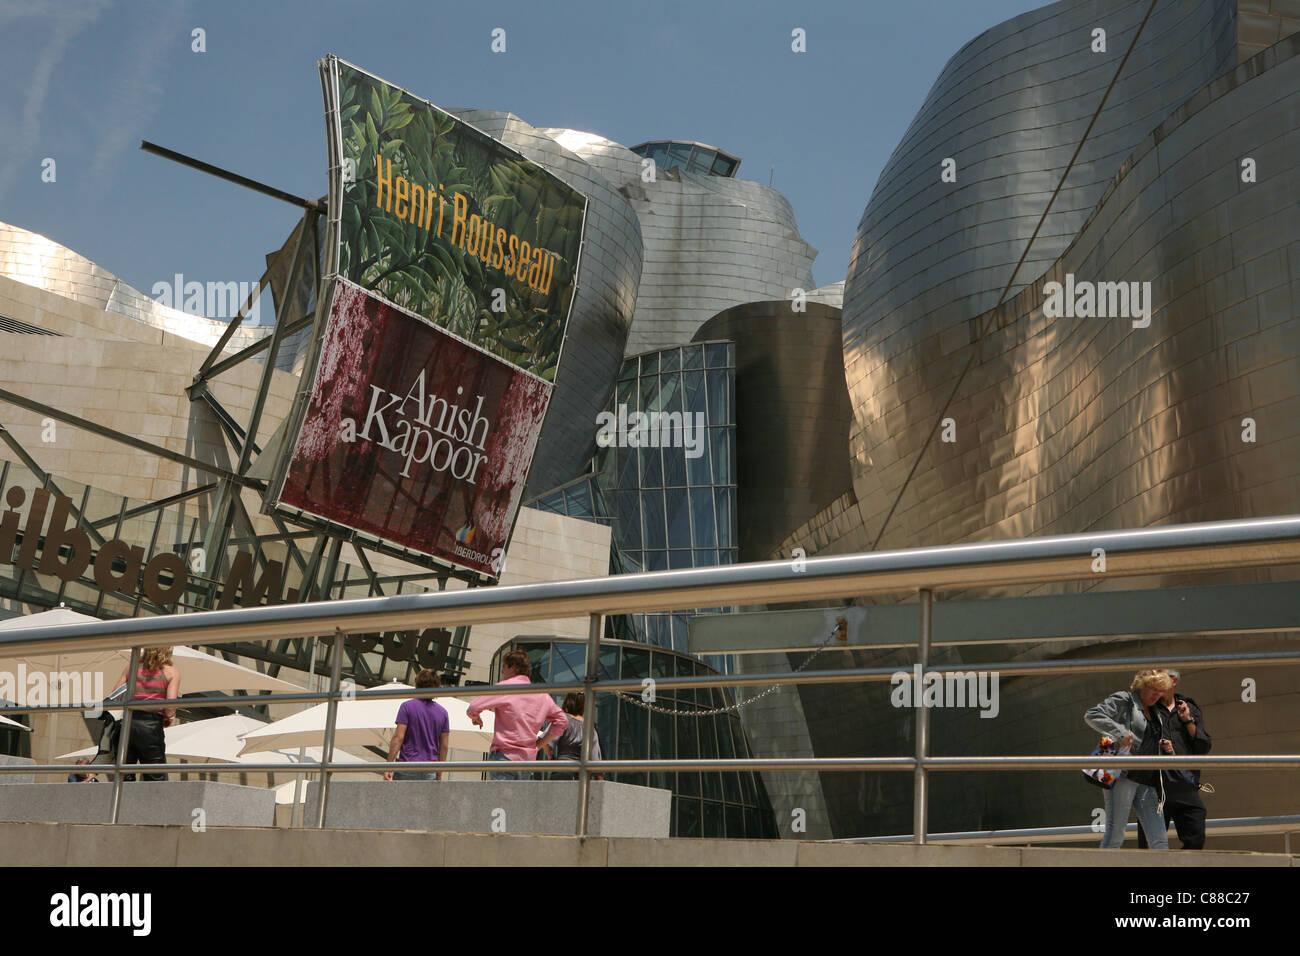 Le Musée Guggenheim Bilbao conçu par l'architecte Frank Gehry à Bilbao, en Espagne. Banque D'Images